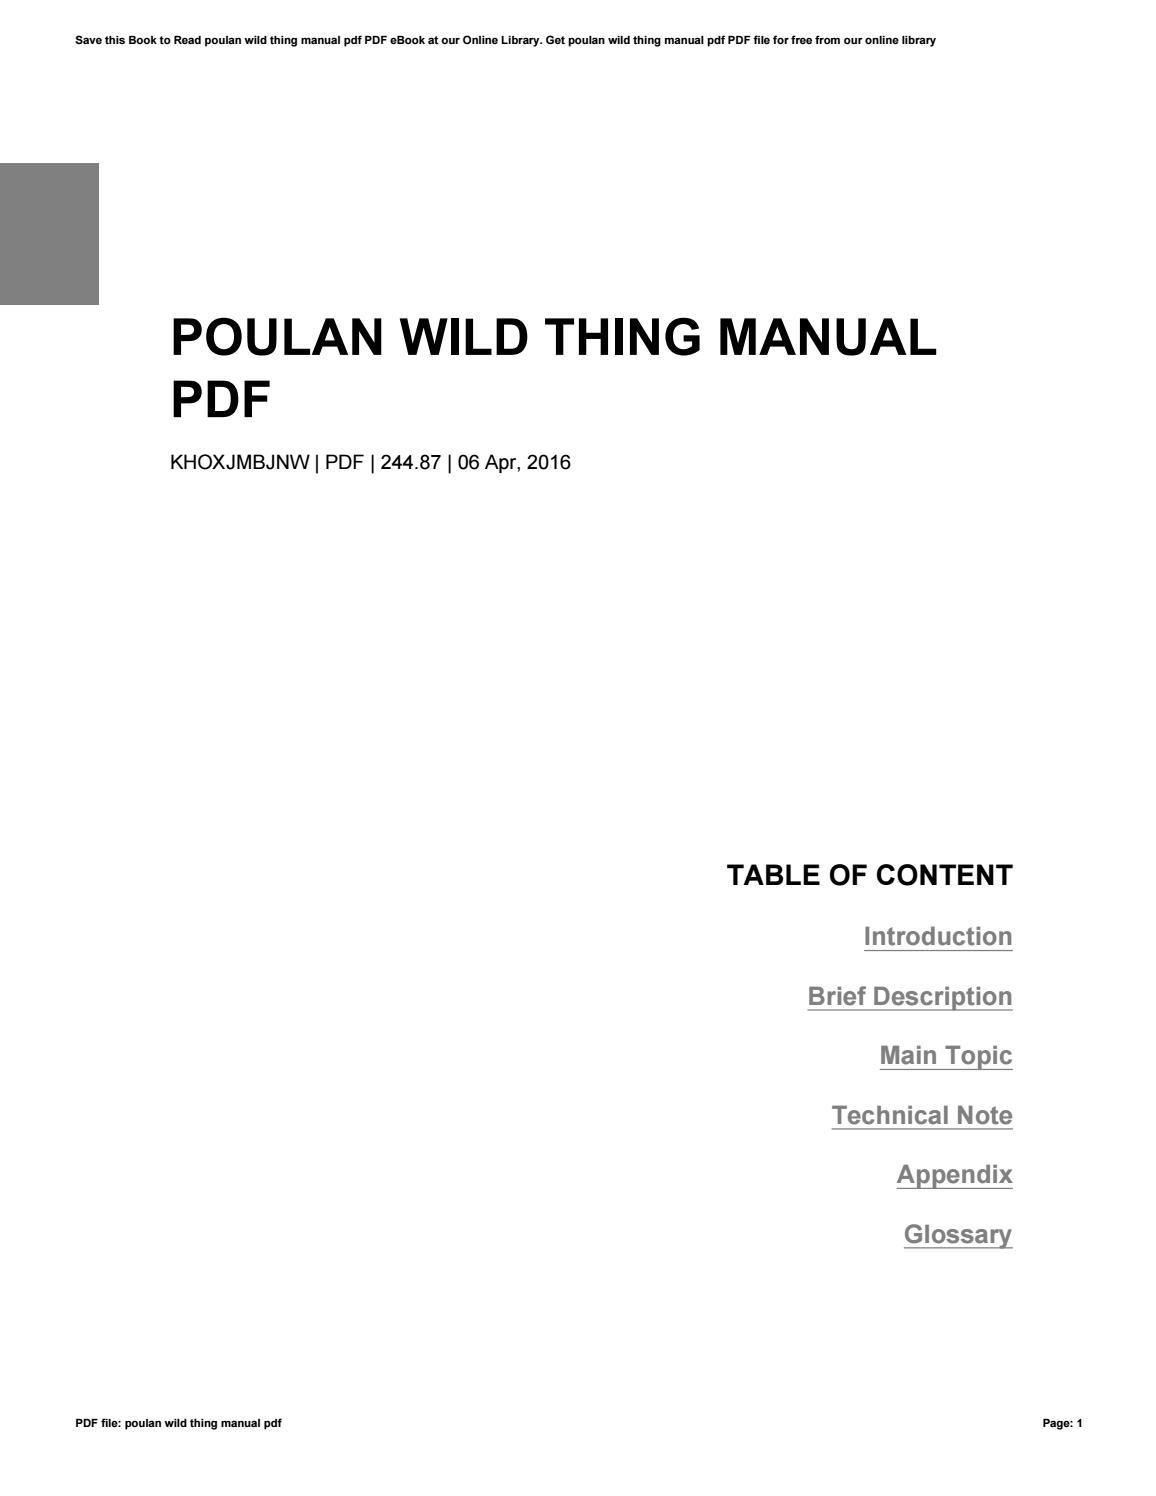 poulan wild thing user manual ebook rh poulan wild thing user manual ebook mollysmenu us